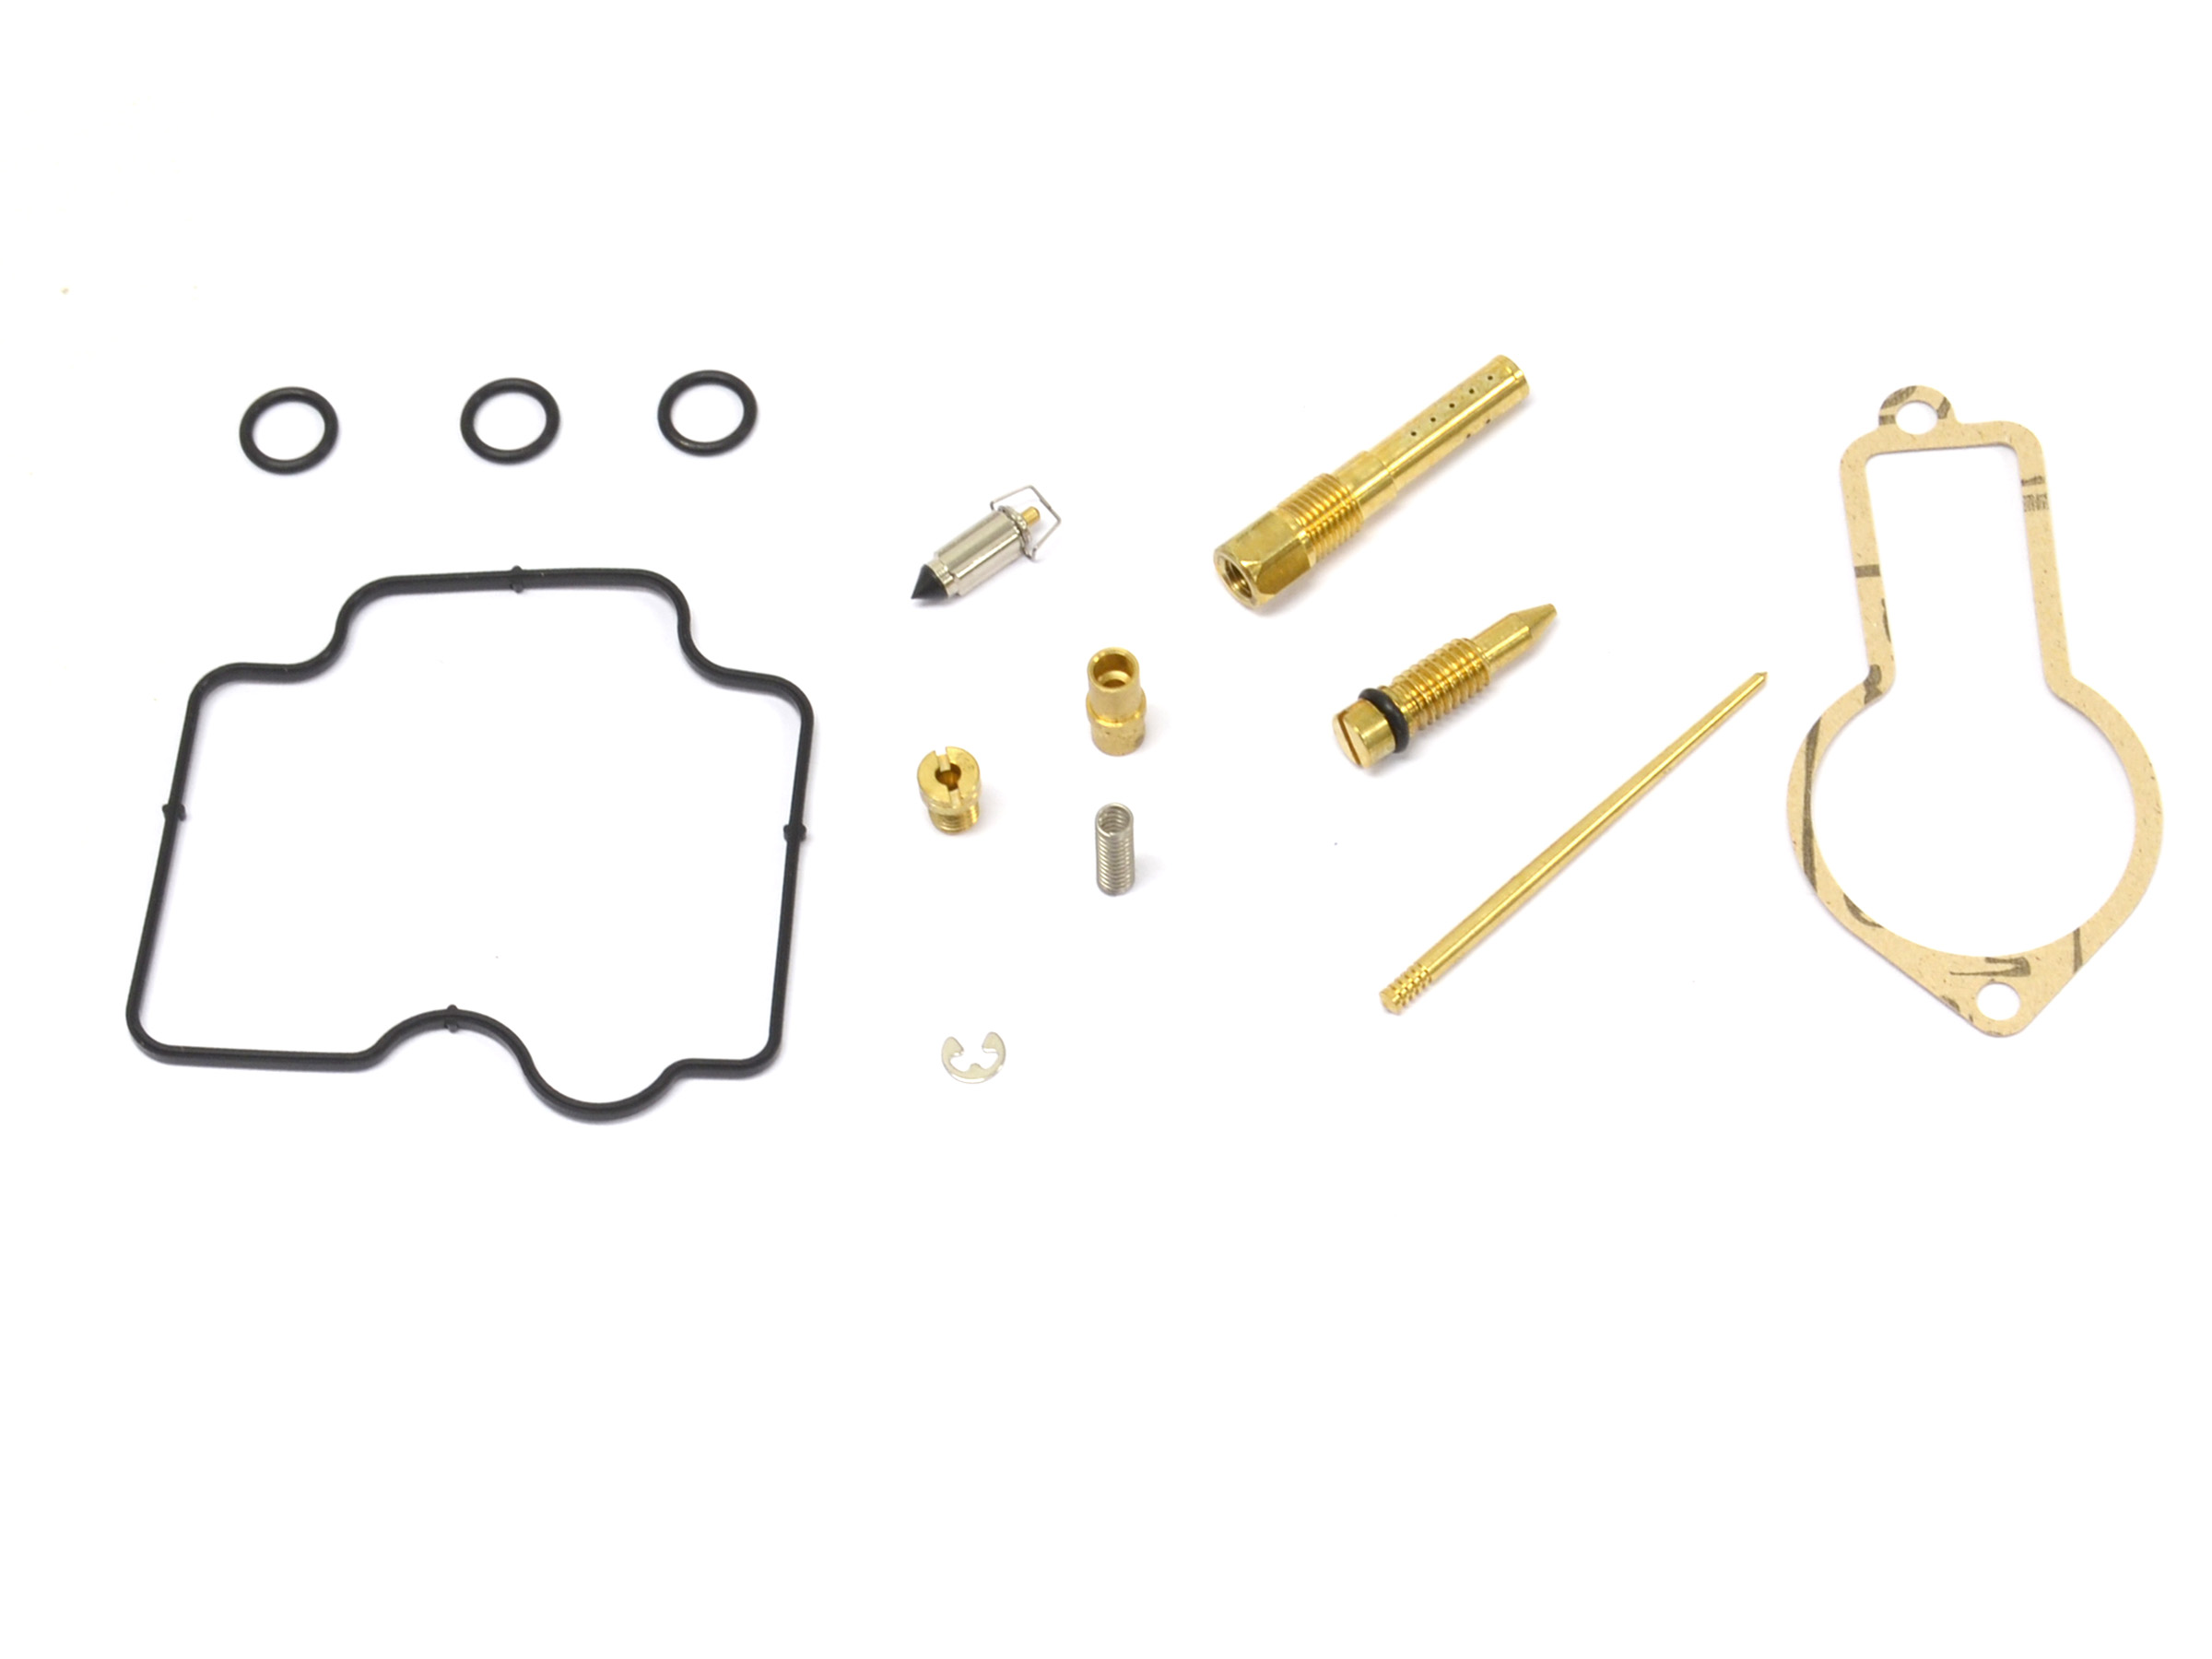 Honda Xl600 R Right Side Carburetor Carb Repair Rebuild